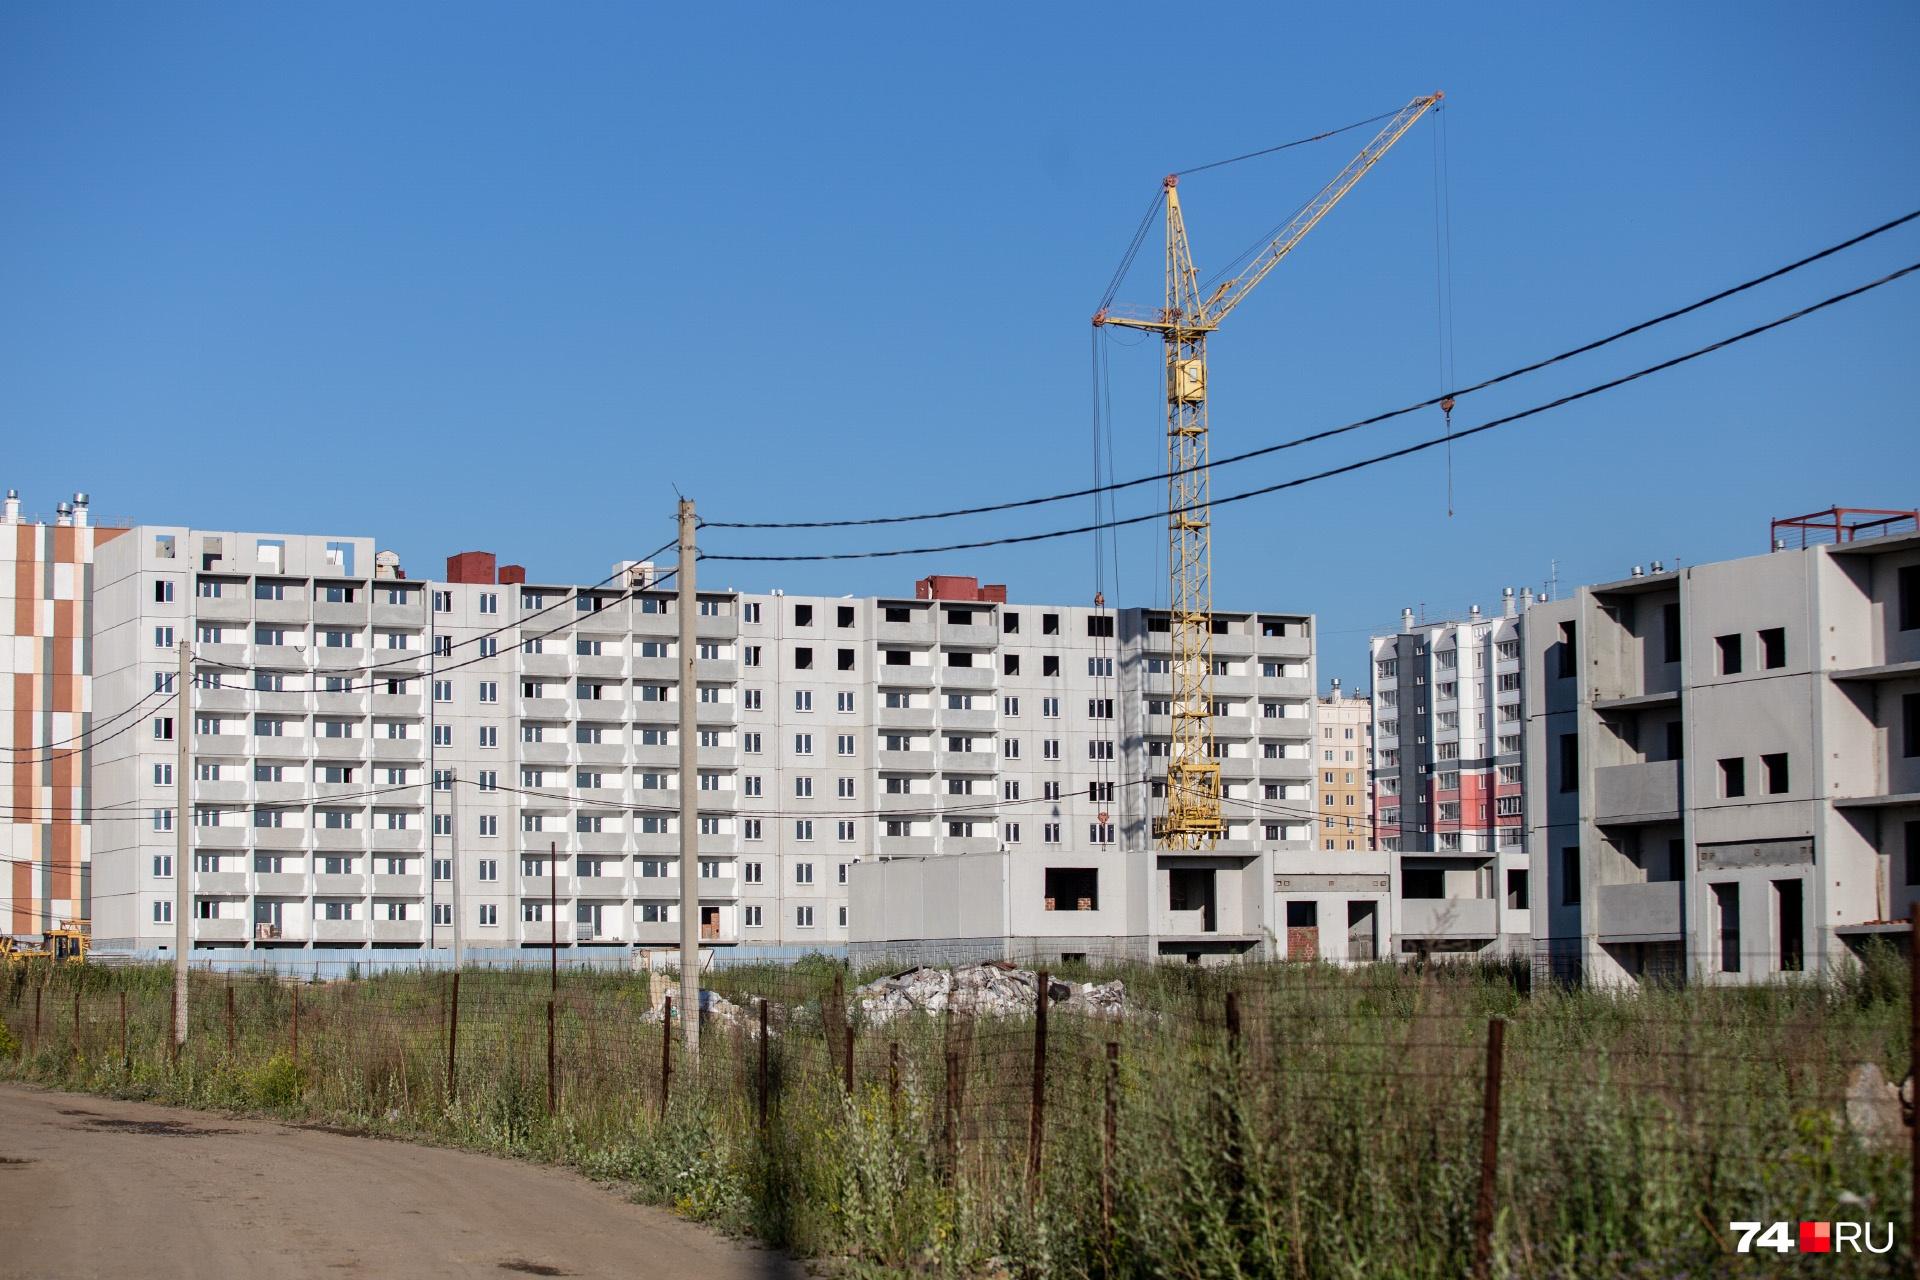 Застройщик находится в стадии банкротства, своих квартир ещё ждут сотни челябинских семей — обманутых дольщиков